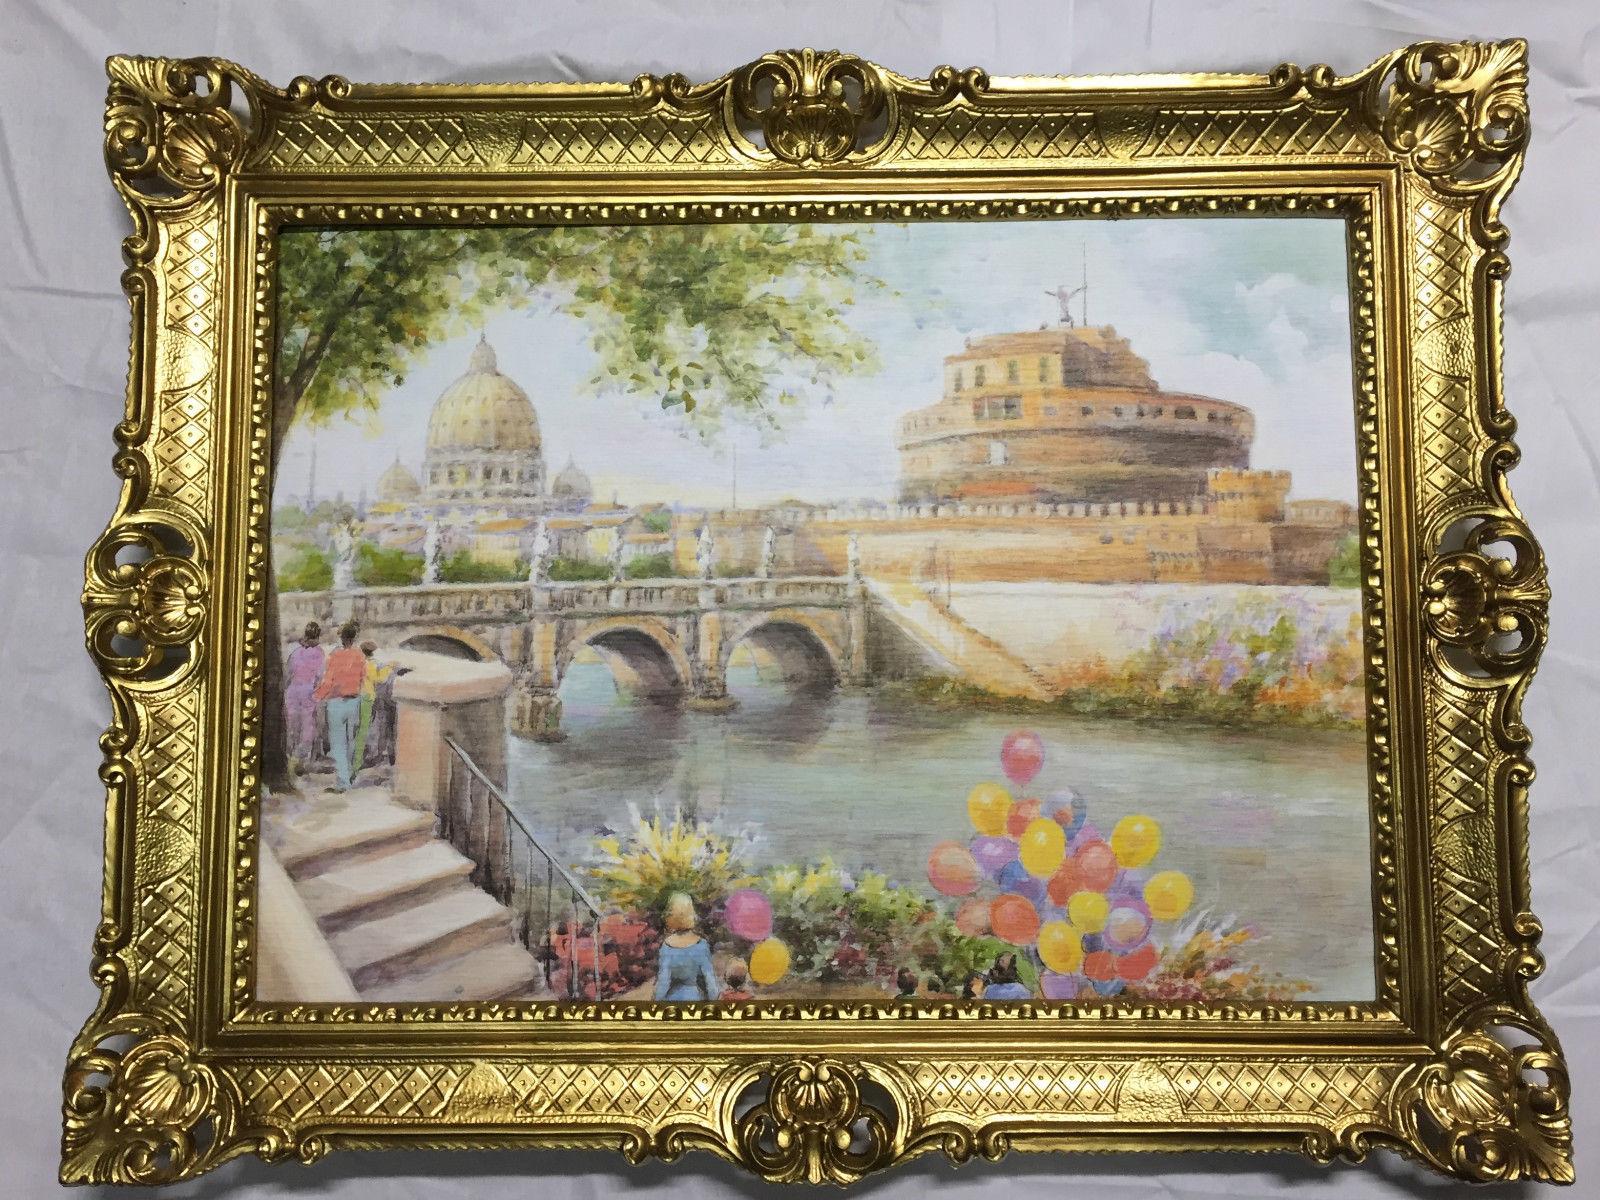 Italien Bild Gerahmte Landschaftsbild Gemälde Städte 90x70 Rom ...